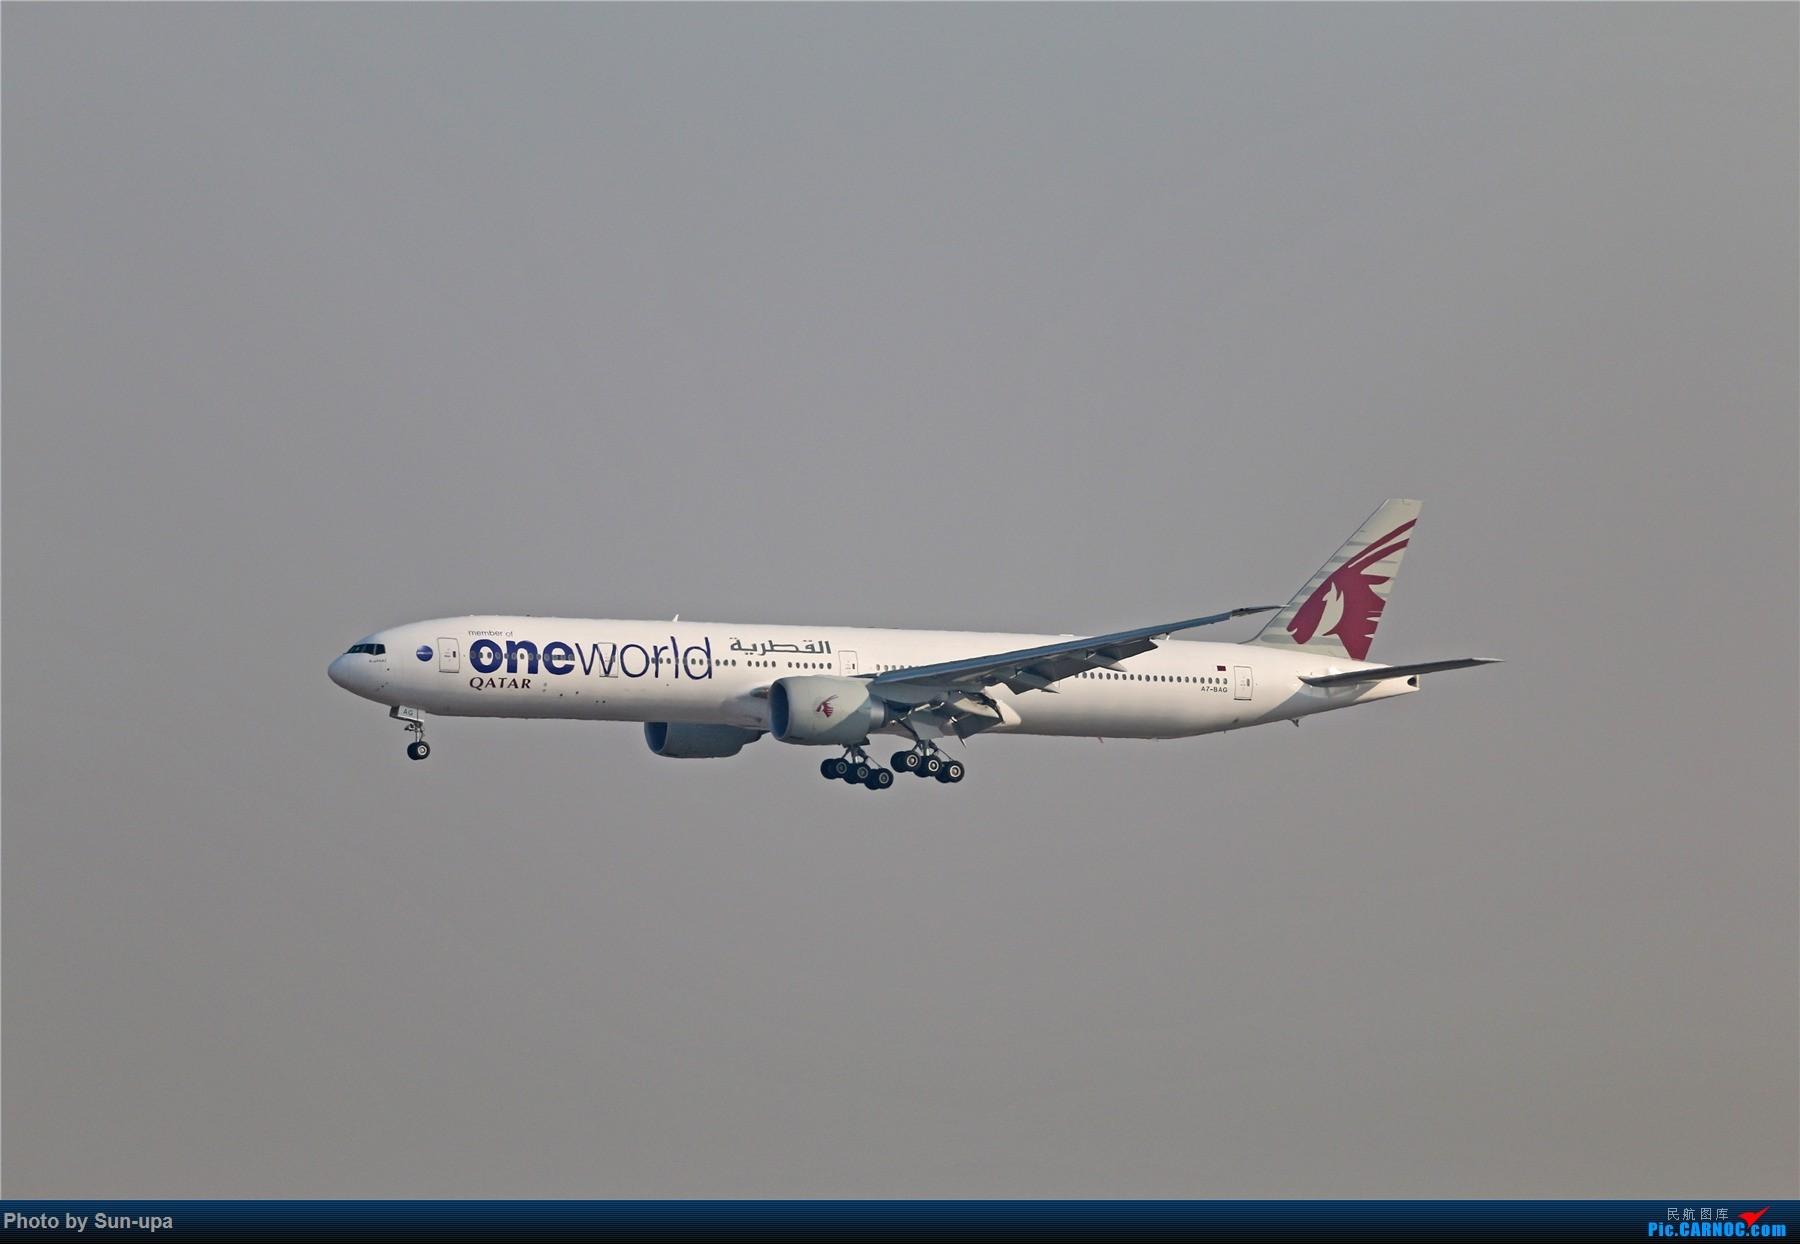 [原创]一张图 卡塔尔航空寰宇机77w降落01 BOEING 777-300ER A7-BAG 中国北京首都国际机场